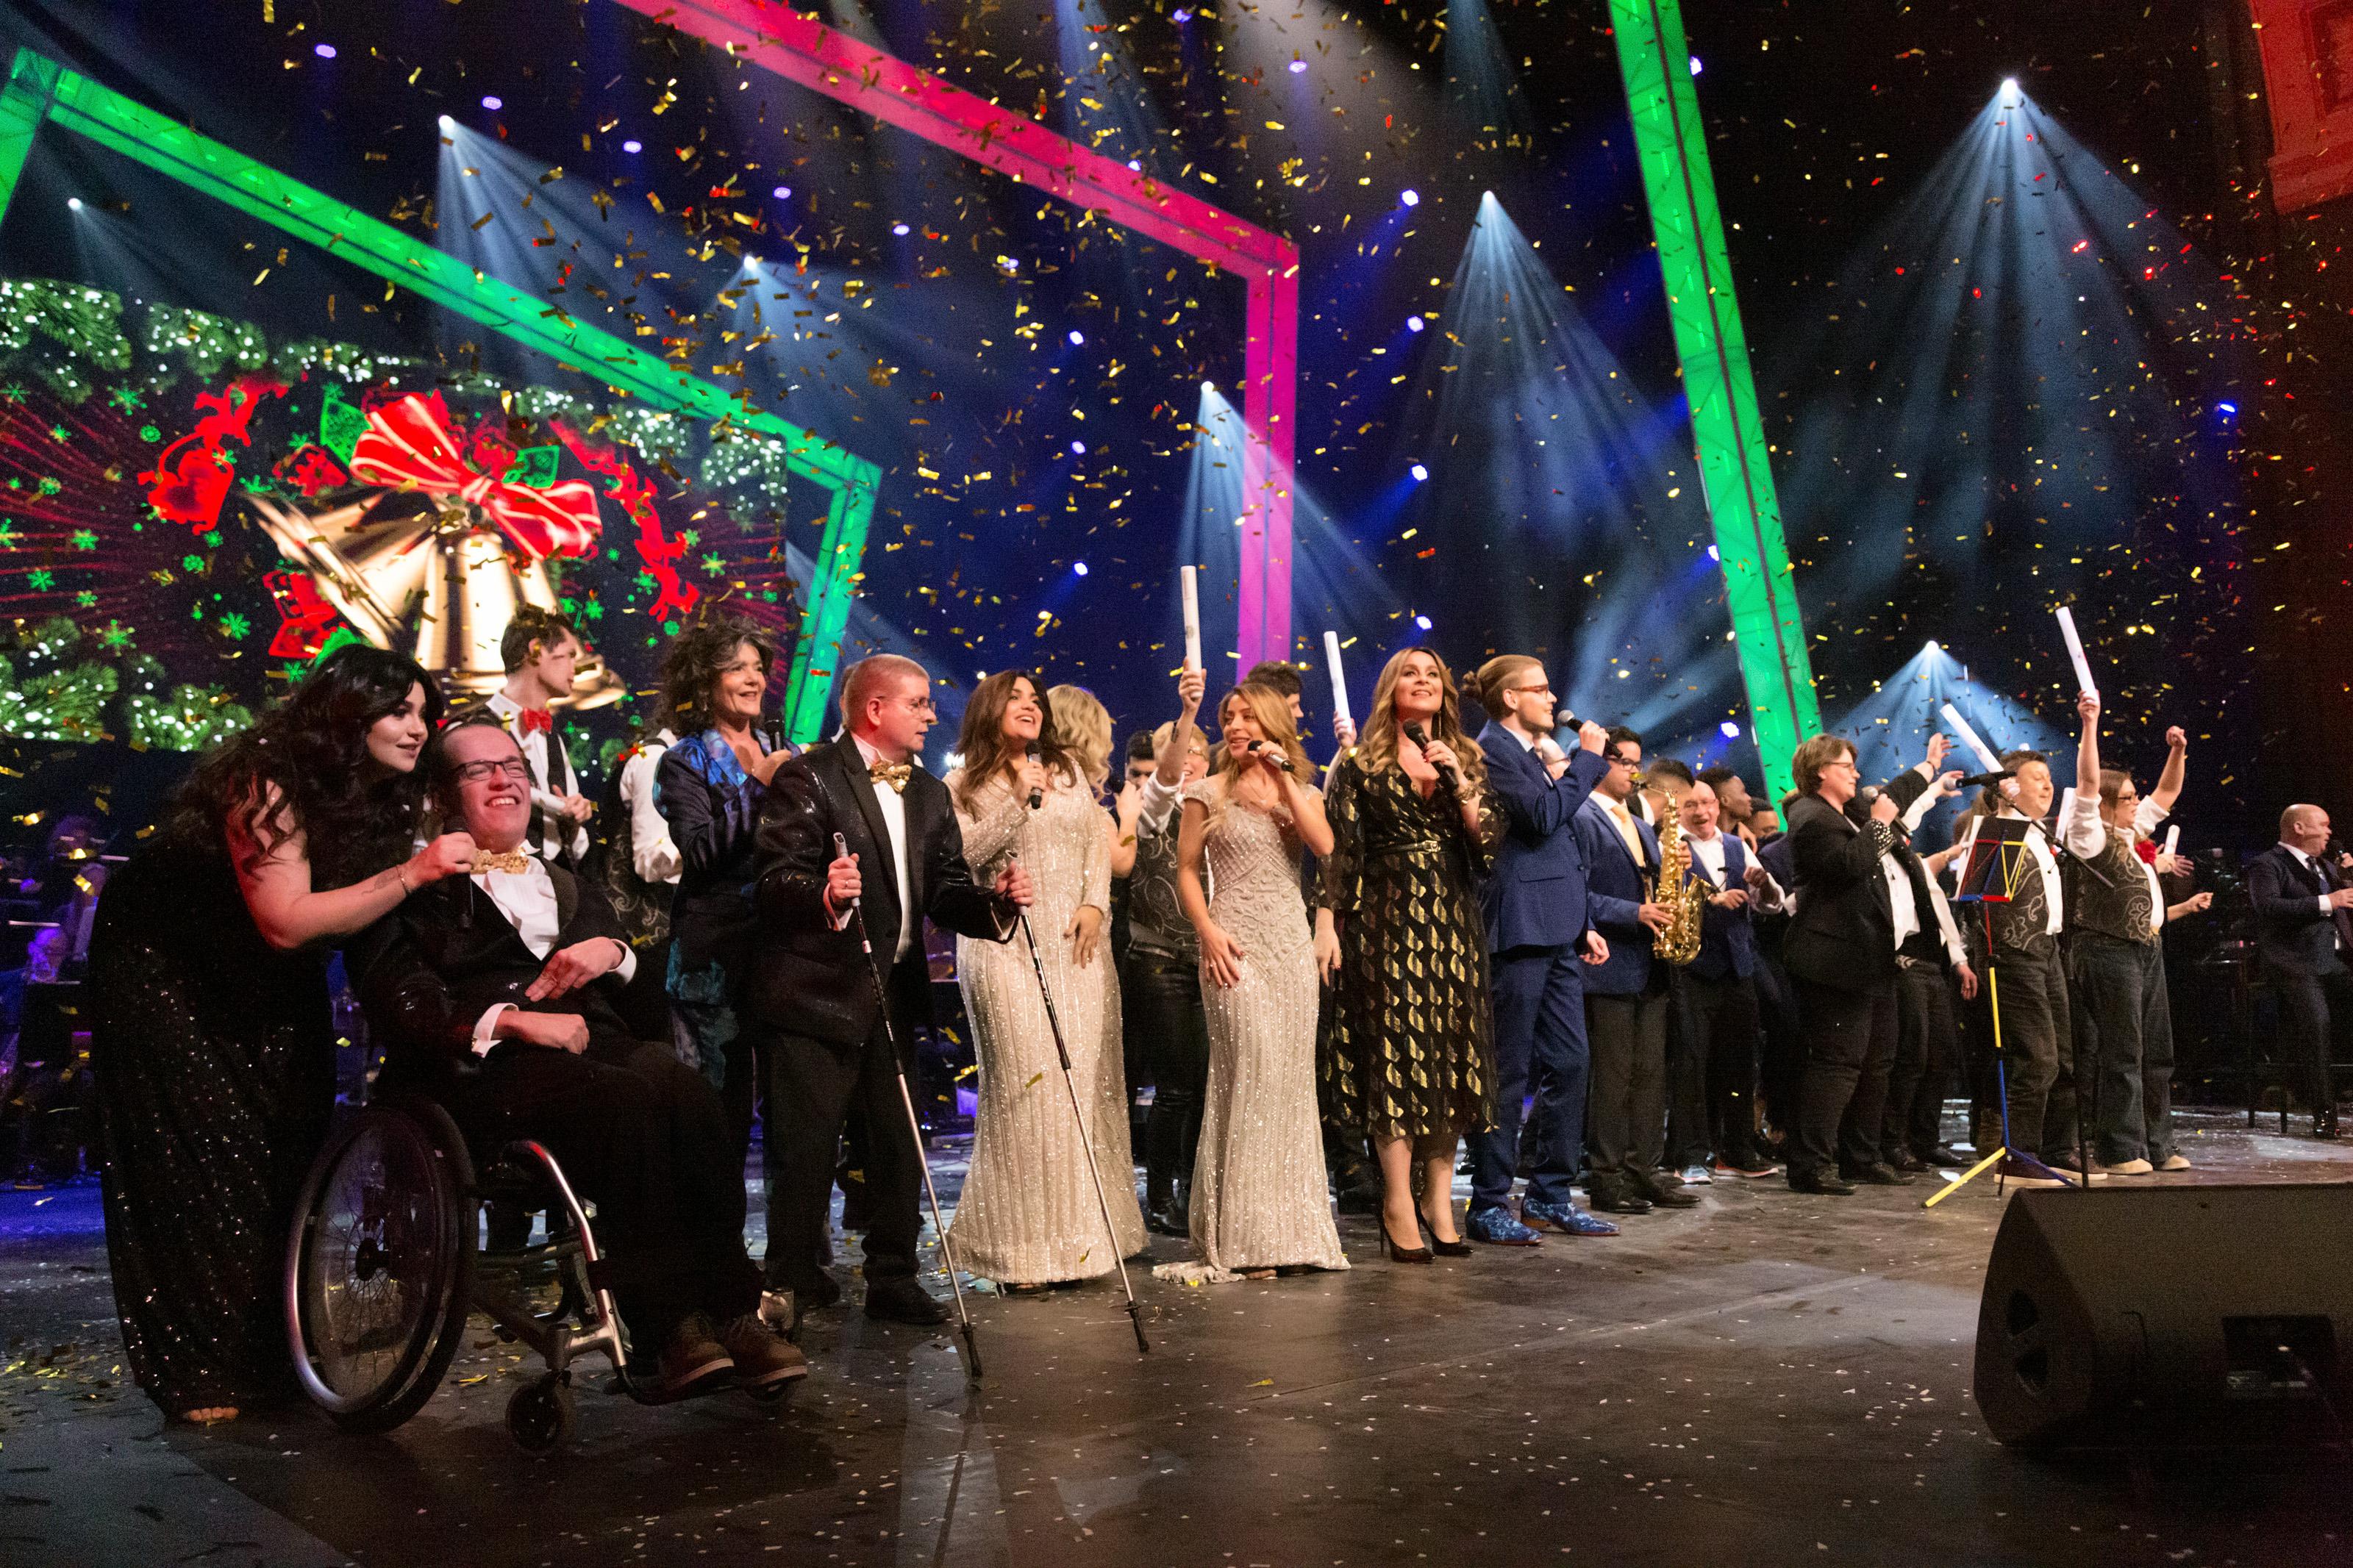 Knoop Gala 2018 in Koninklijk Theater Carré